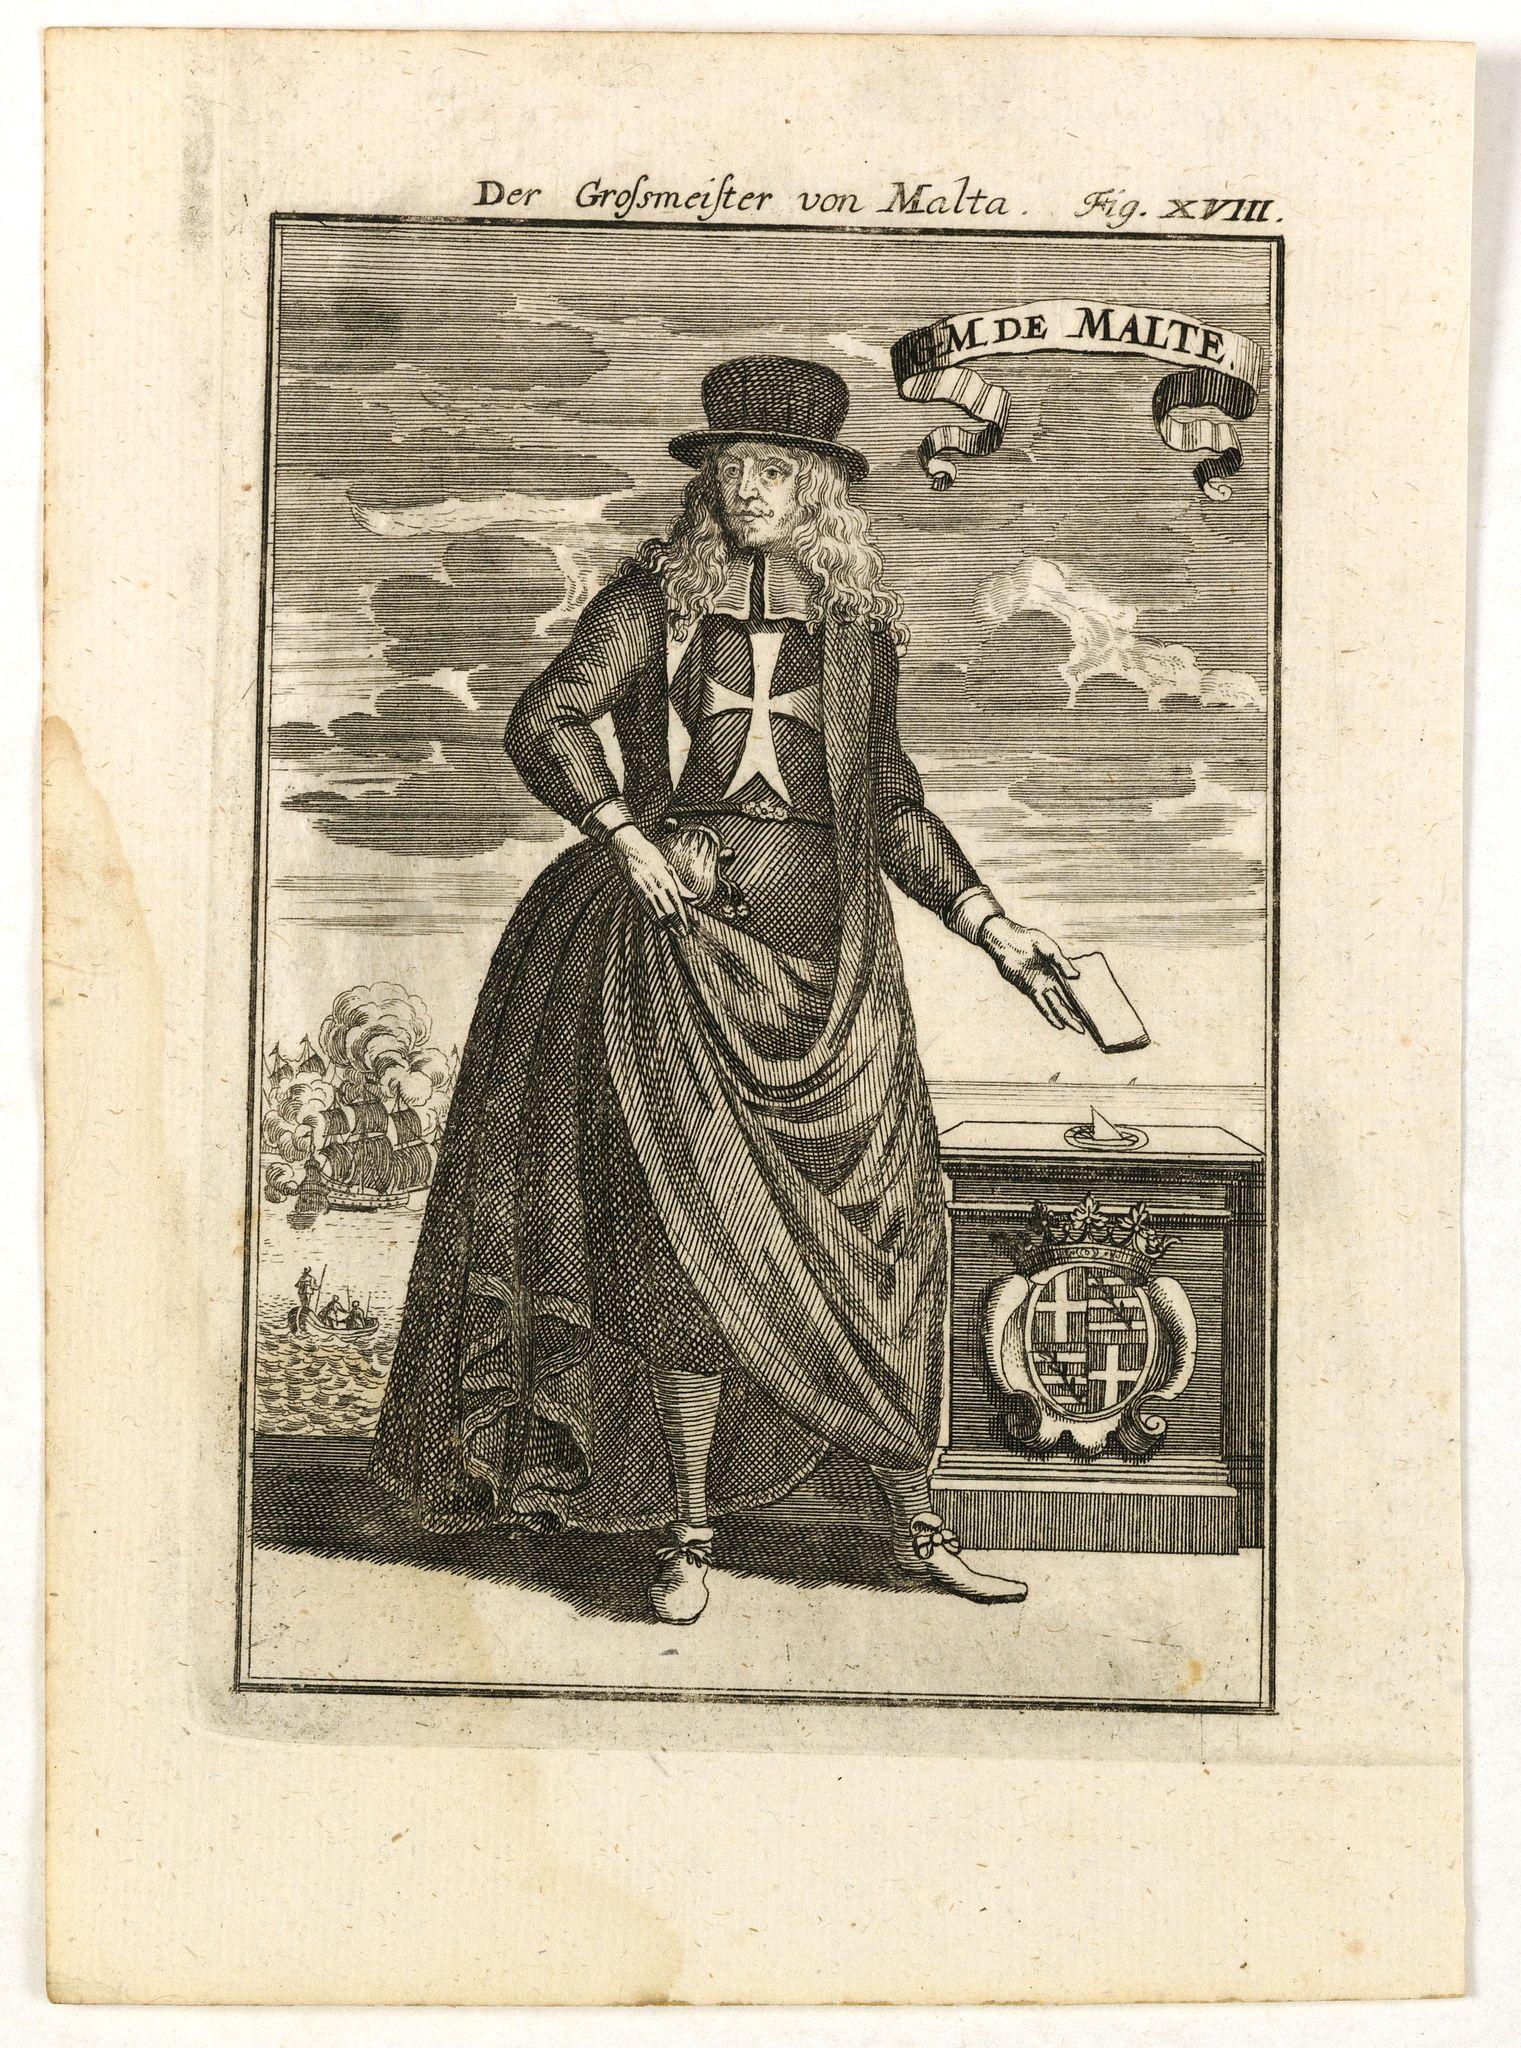 MALLET, A.M. -  GM de Malte. Der Grossmeister von Malta Fig. XVIII.